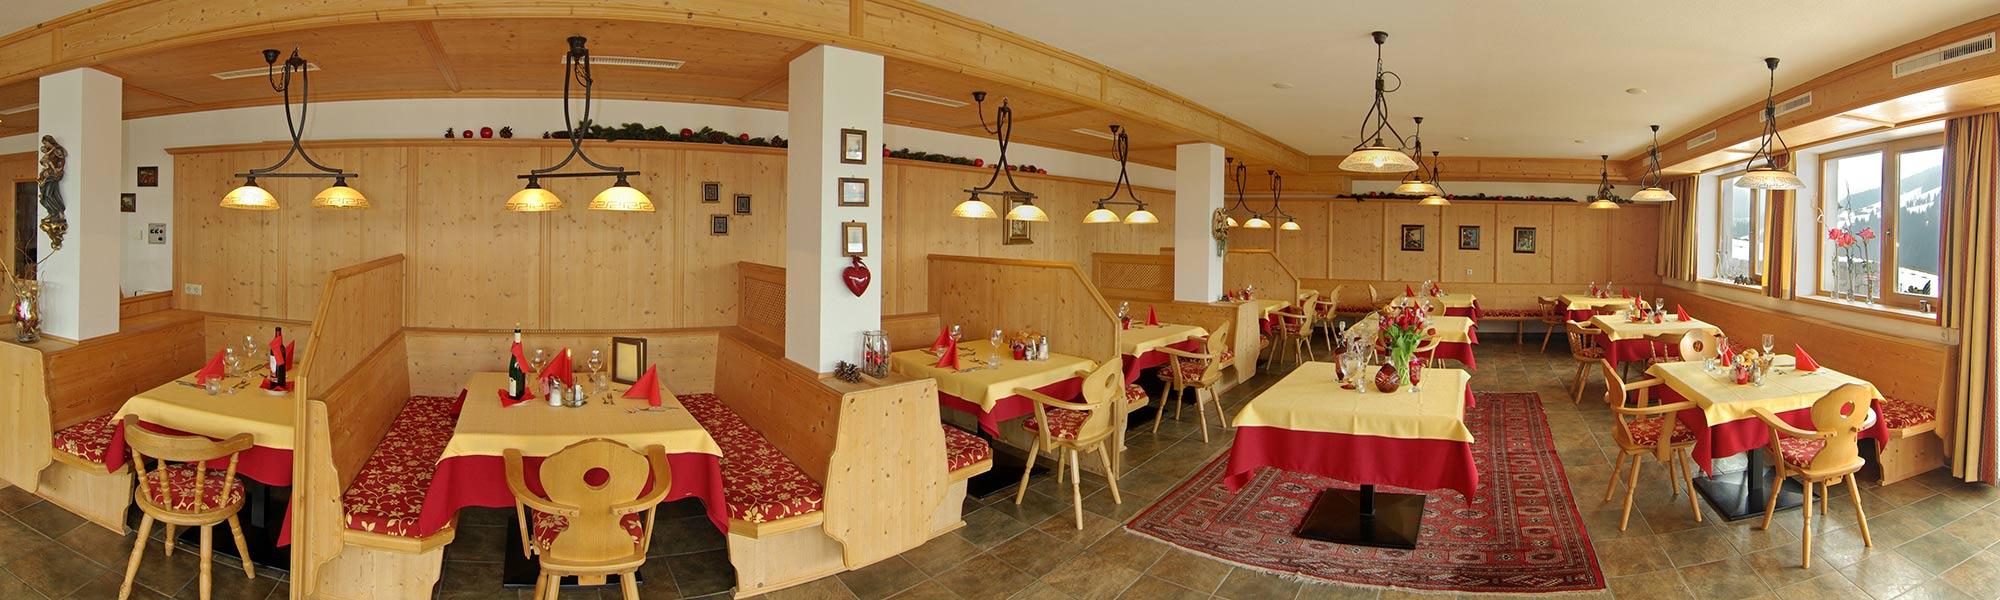 Frühstück bei Familie Bischofer Urlaub in Alpbach